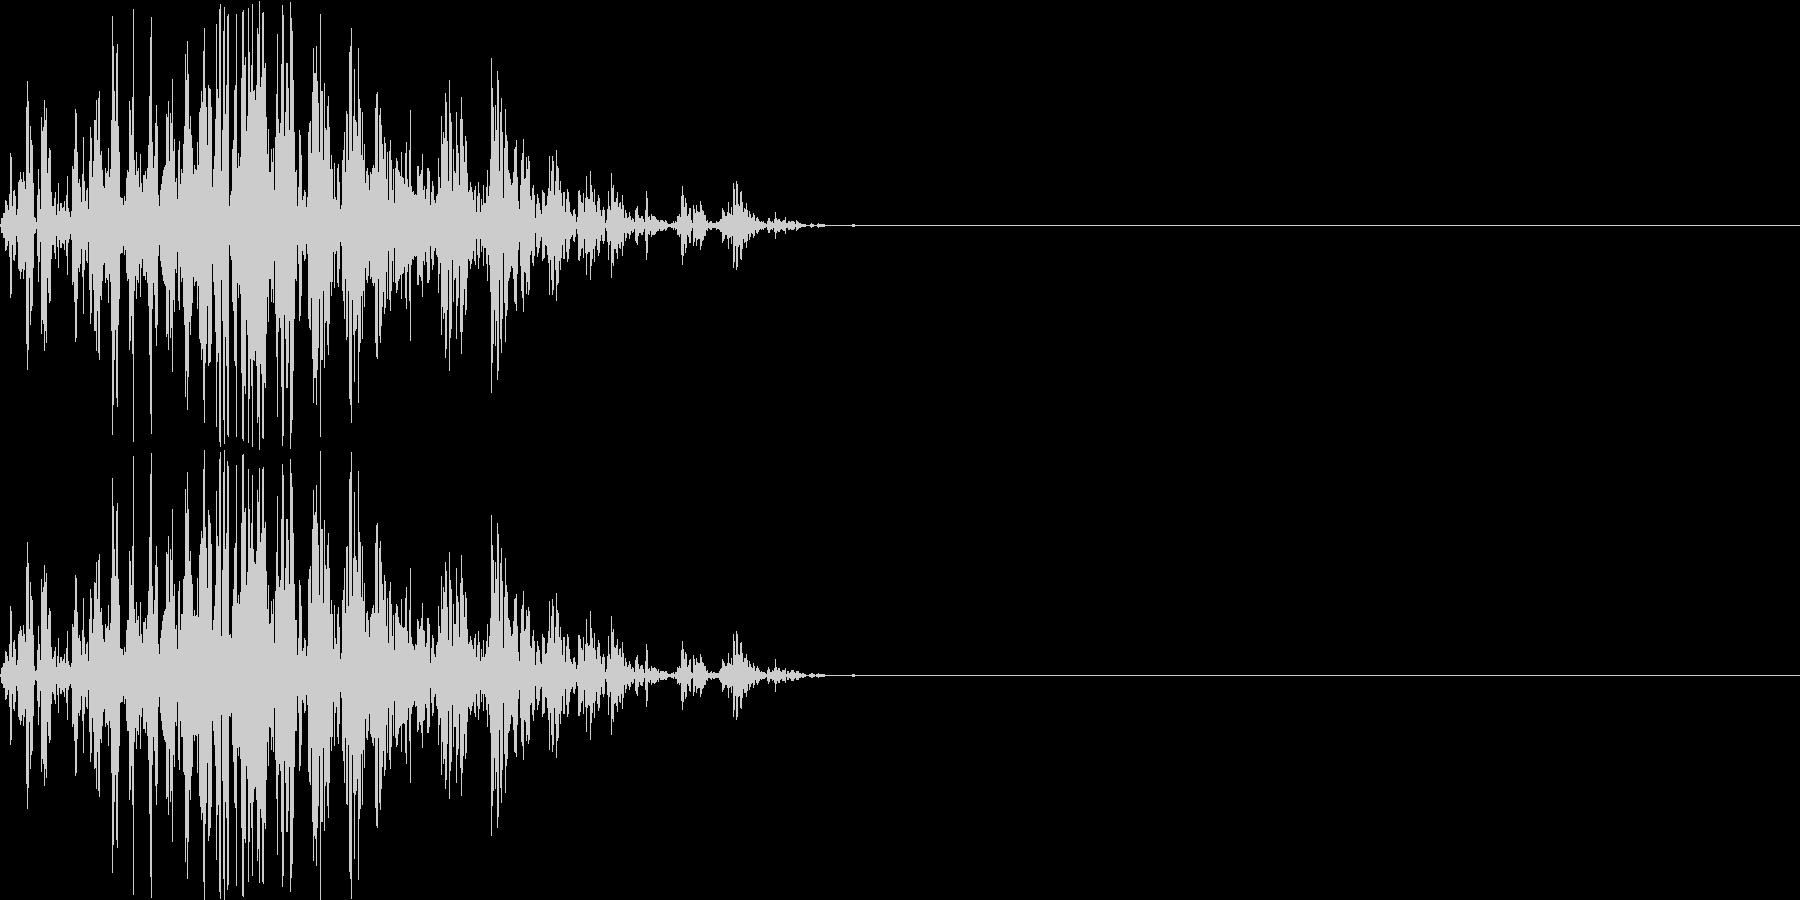 【ガスッ!】ファミコン系 破壊音_04の未再生の波形